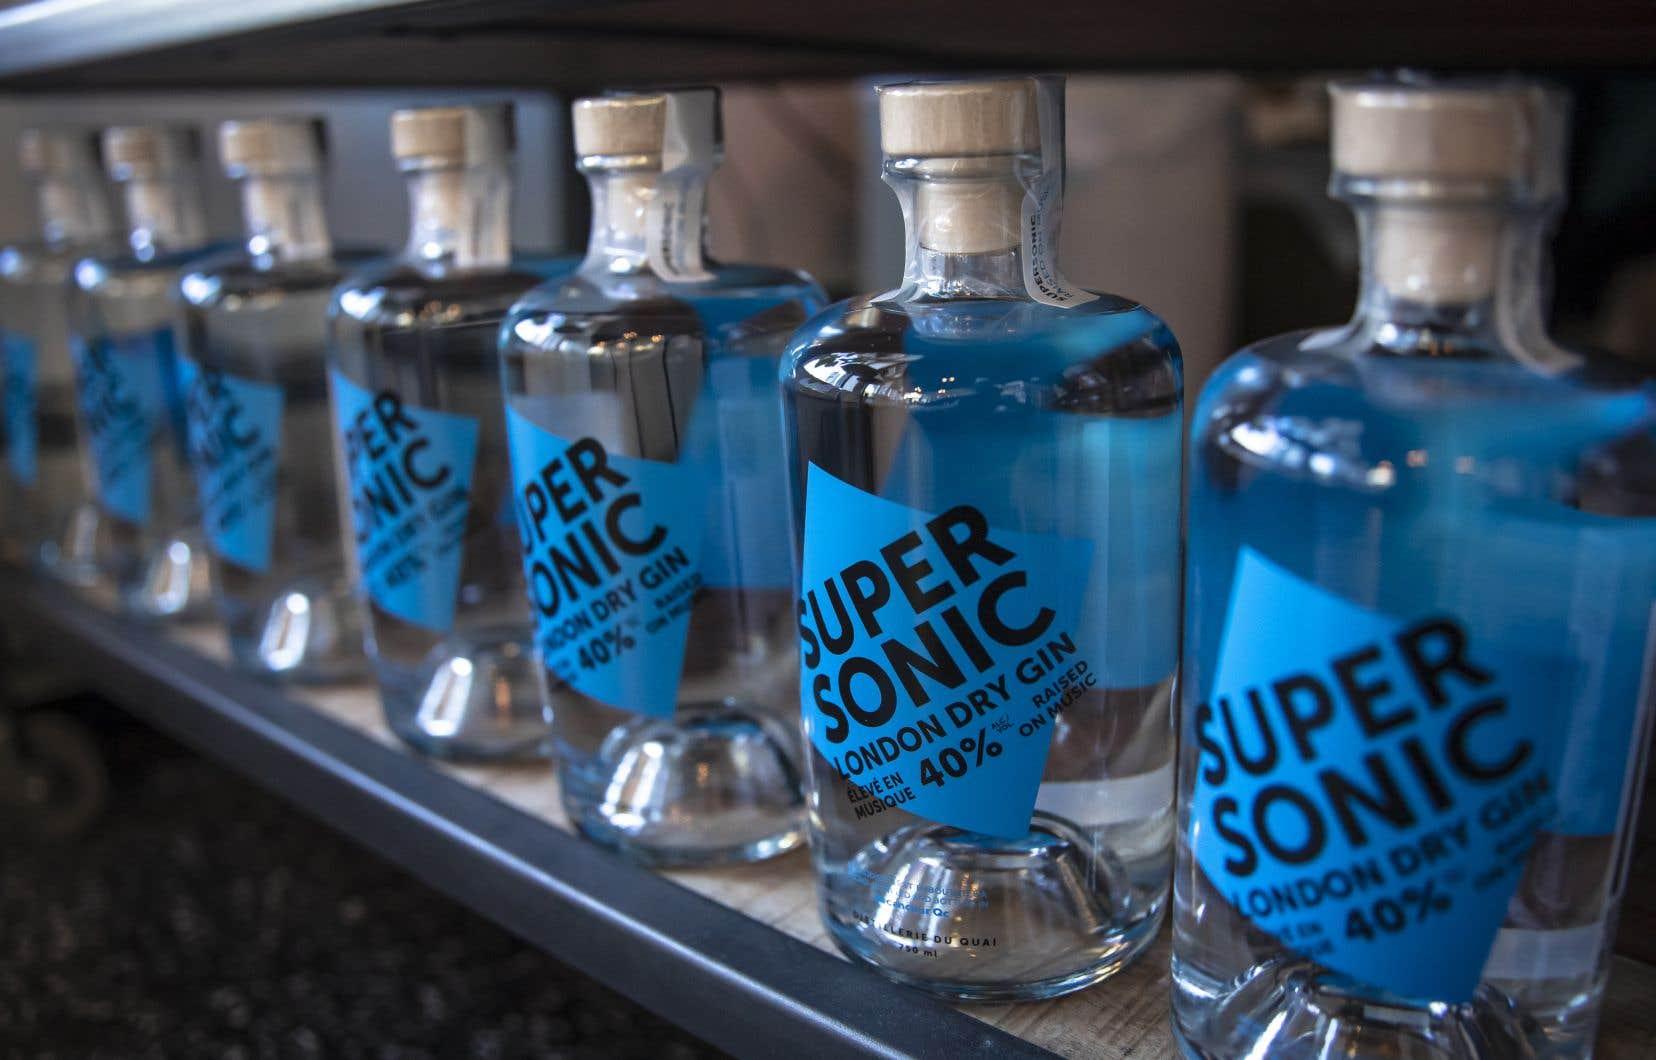 Depuis 2019, la Distillerie du quai fabrique un London dry gin baptisé SuperSonic, en l'honneur de la chanson éponyme d'Oasis.